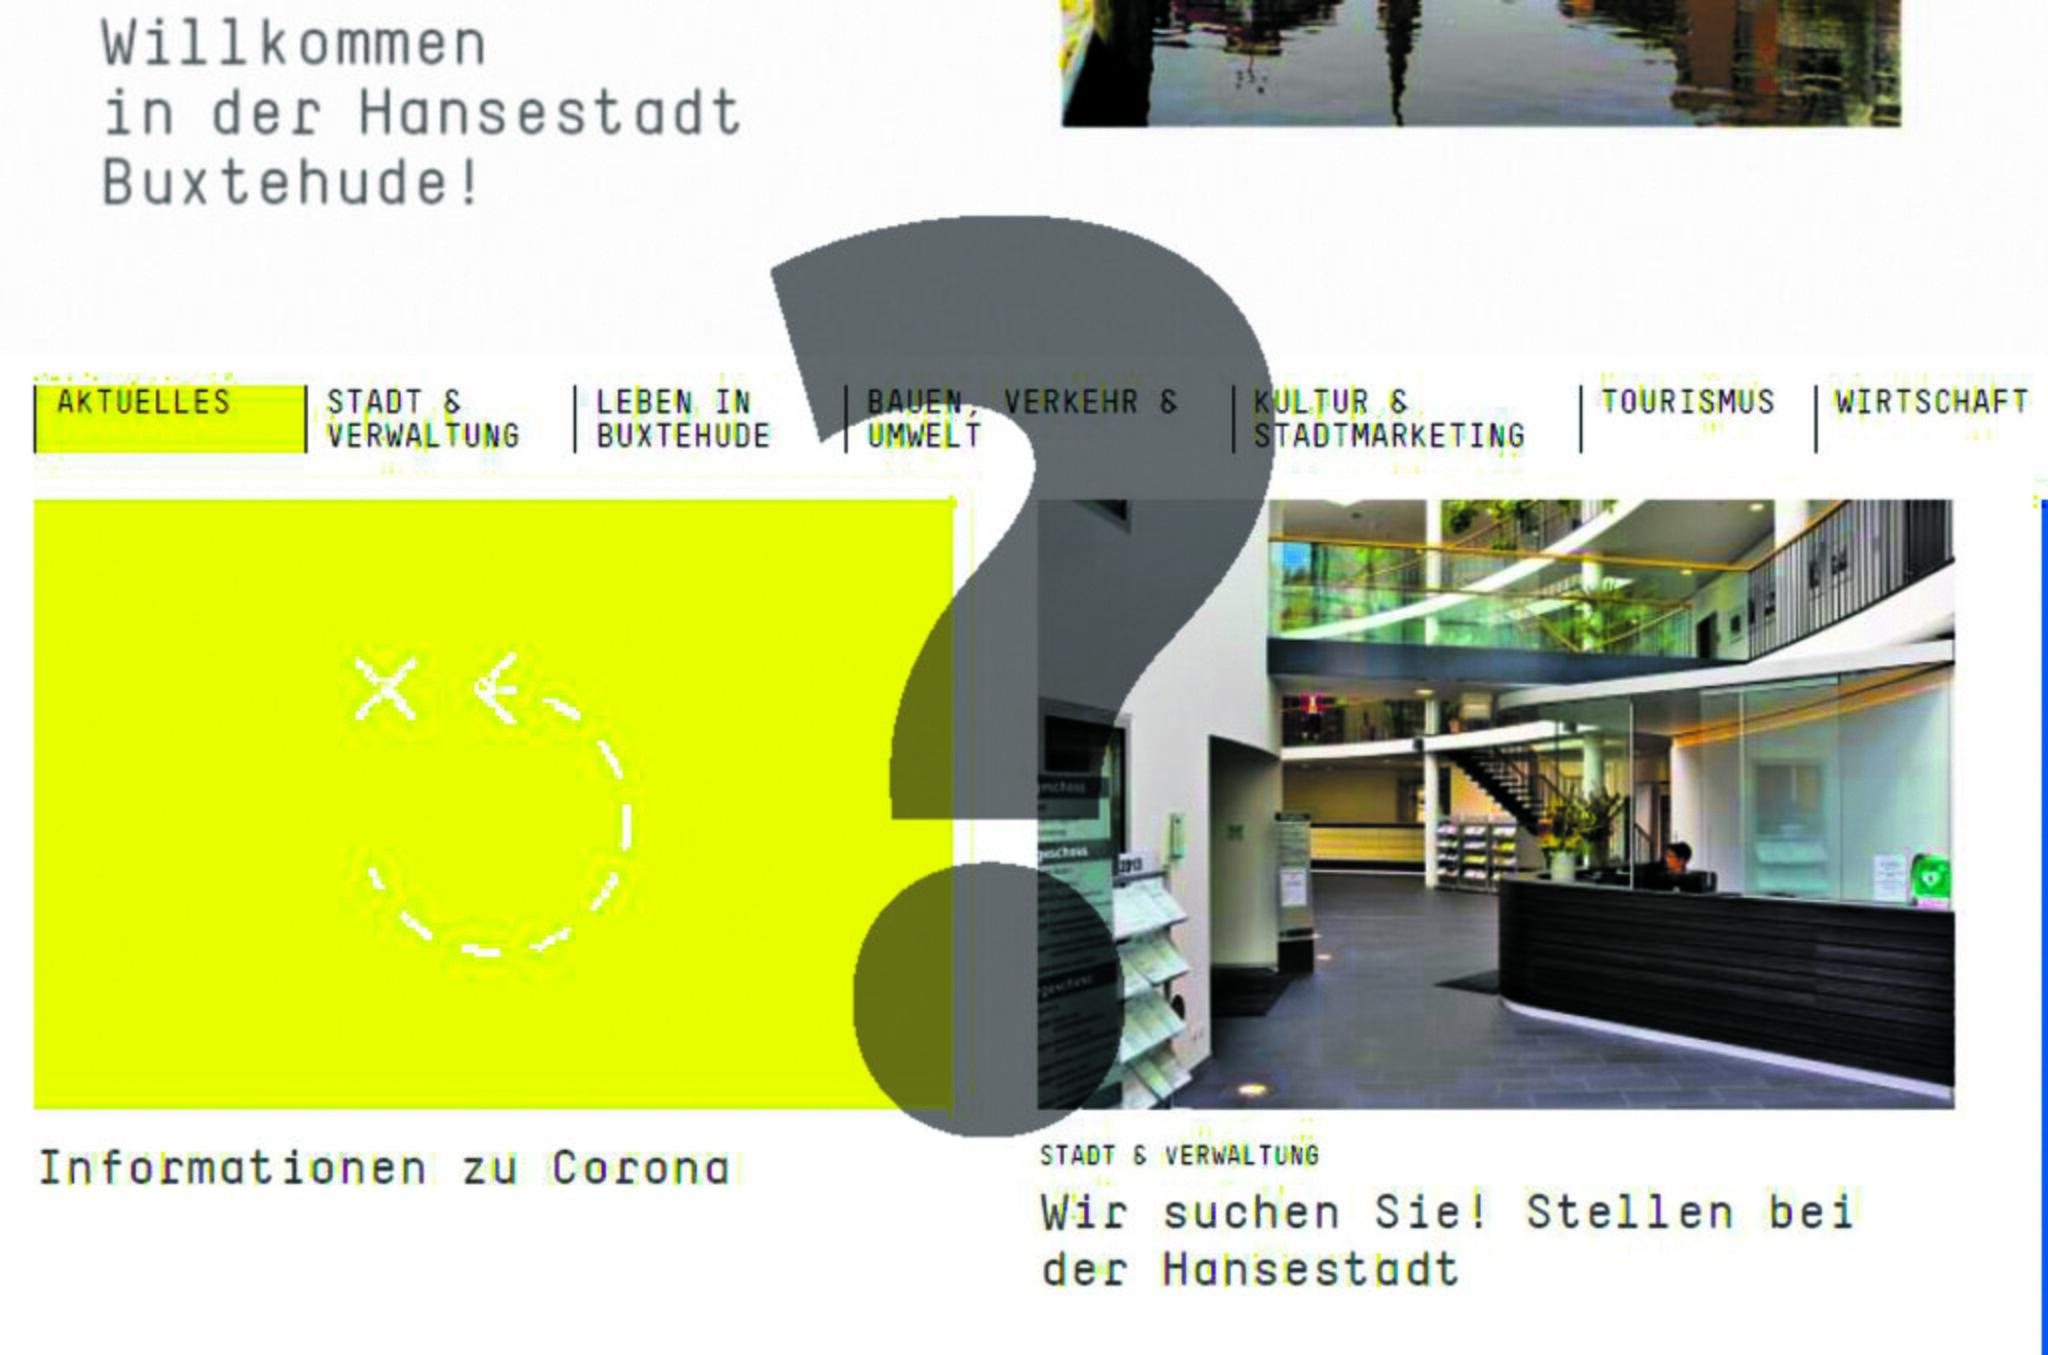 Buxtehude-Homepage soll barrierefreier werden                                                                  Leichte Sprache kann ganz schön schwierig sein